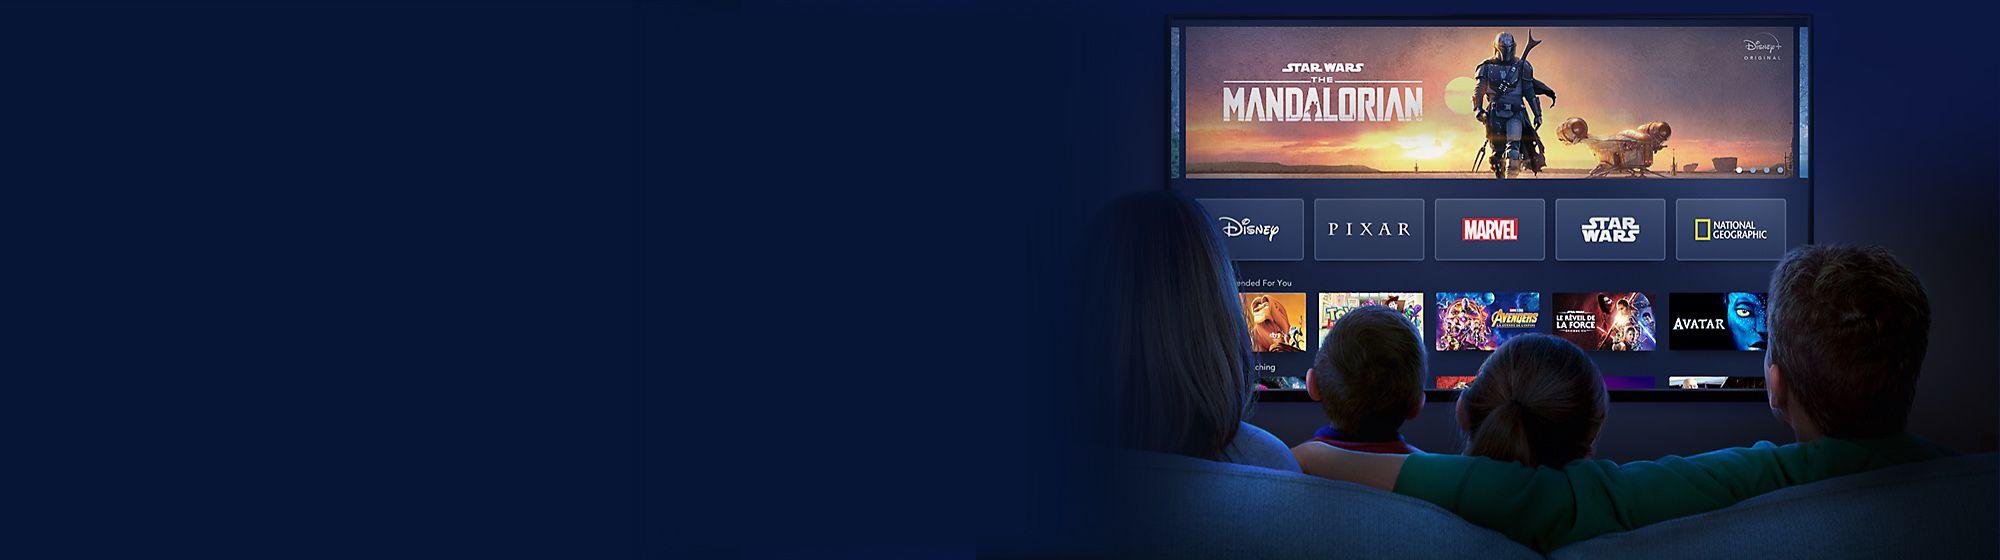 Produits Disney+ Le compte à rebours est lancé ! Votre nouveau service de streaming dès le 24 mars. 6,99€ par mois ou 69,99€ pour un an. EN SAVOIR PLUS